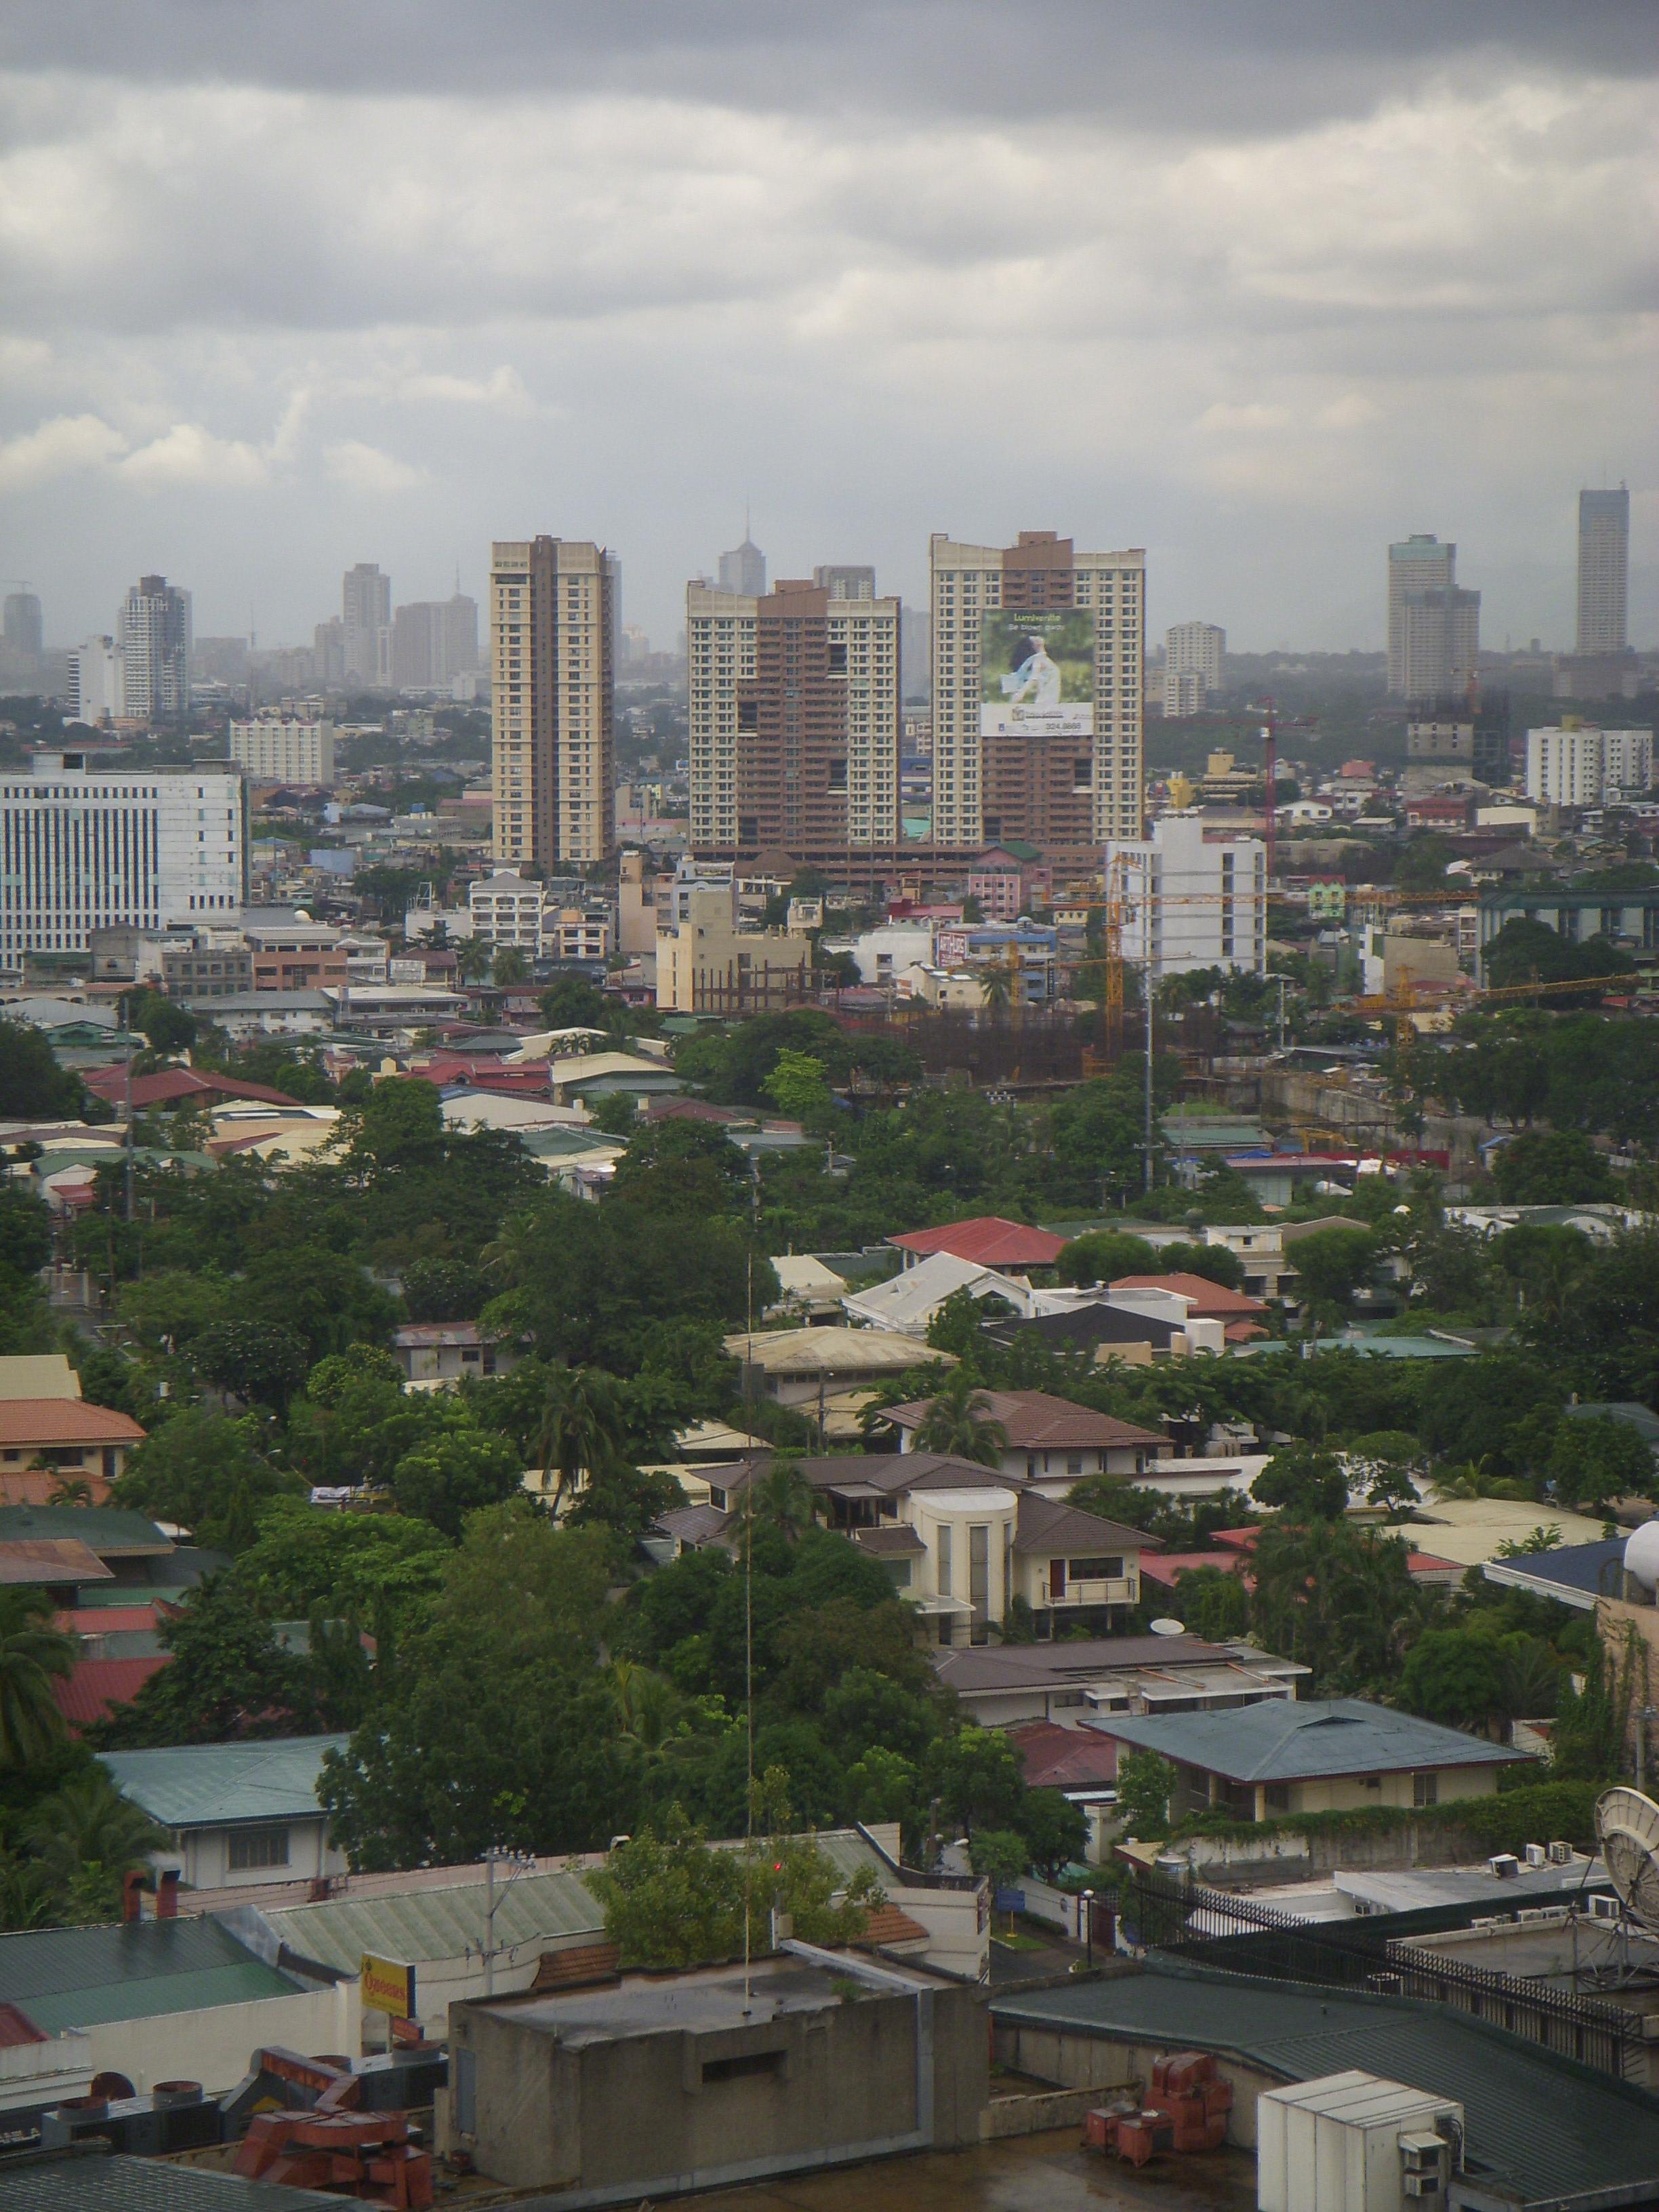 lieu de rencontre pas cher à Manille datant d'une mère célibataire avec une fille adolescente